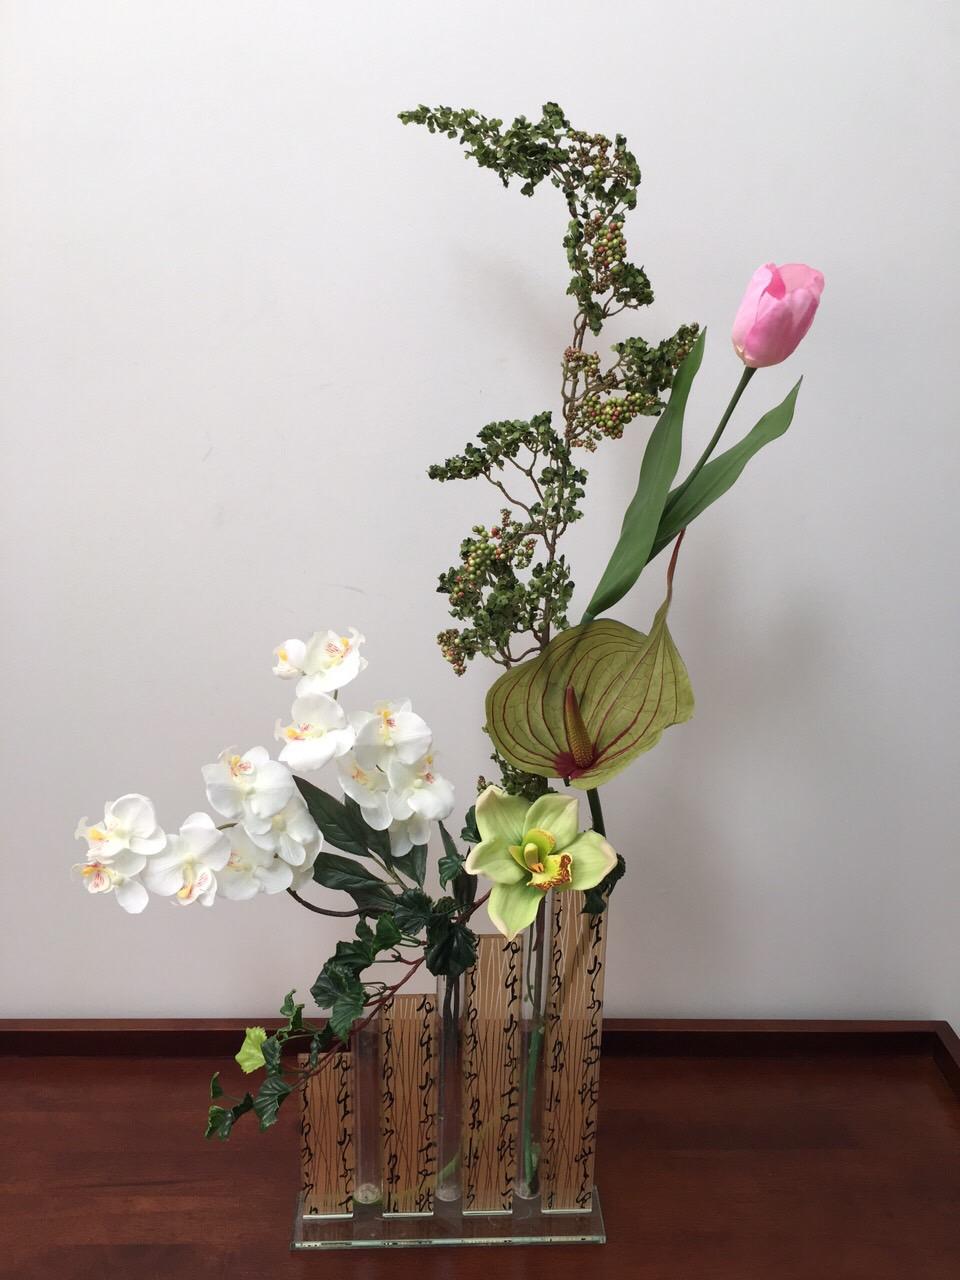 Annie Flower A IMG_2328.JPG